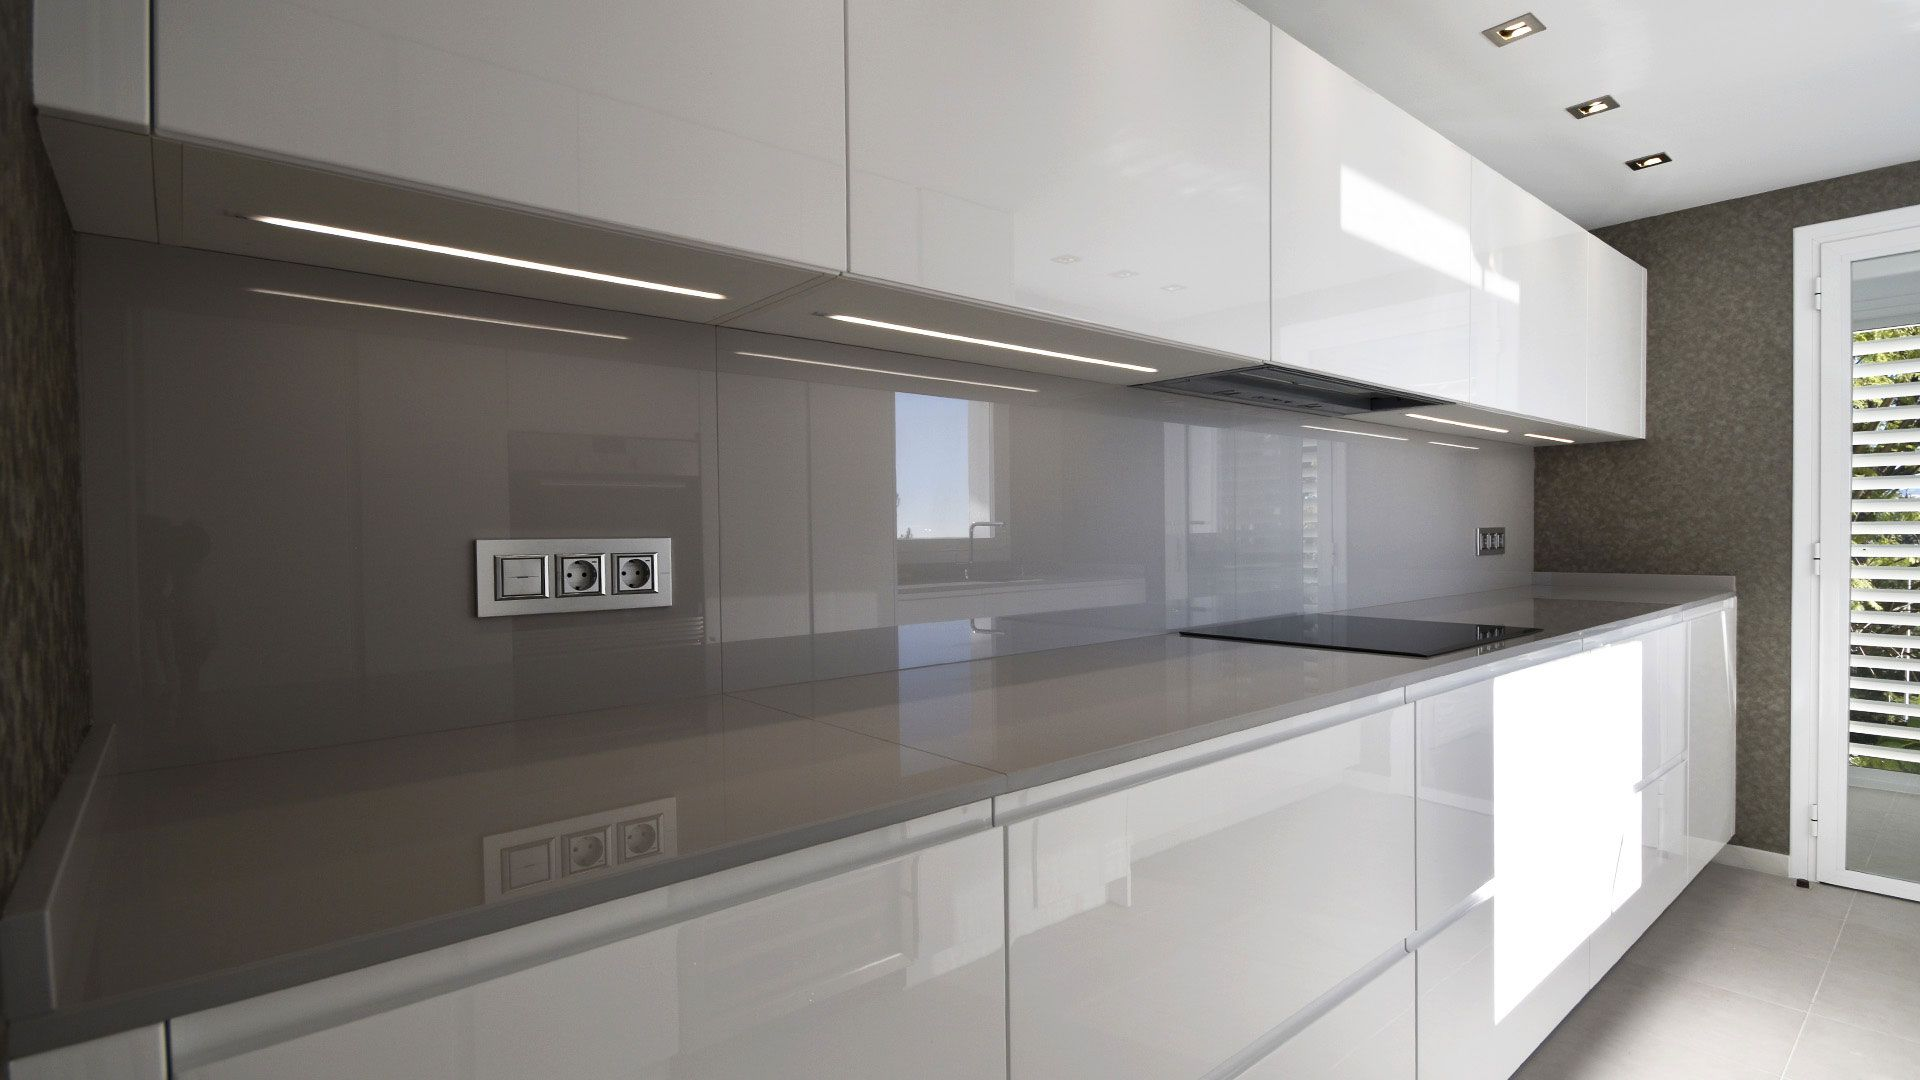 Como cambiar de color un mueble lacado excellent aprende - Cambiar encimera cocina sin obras ...